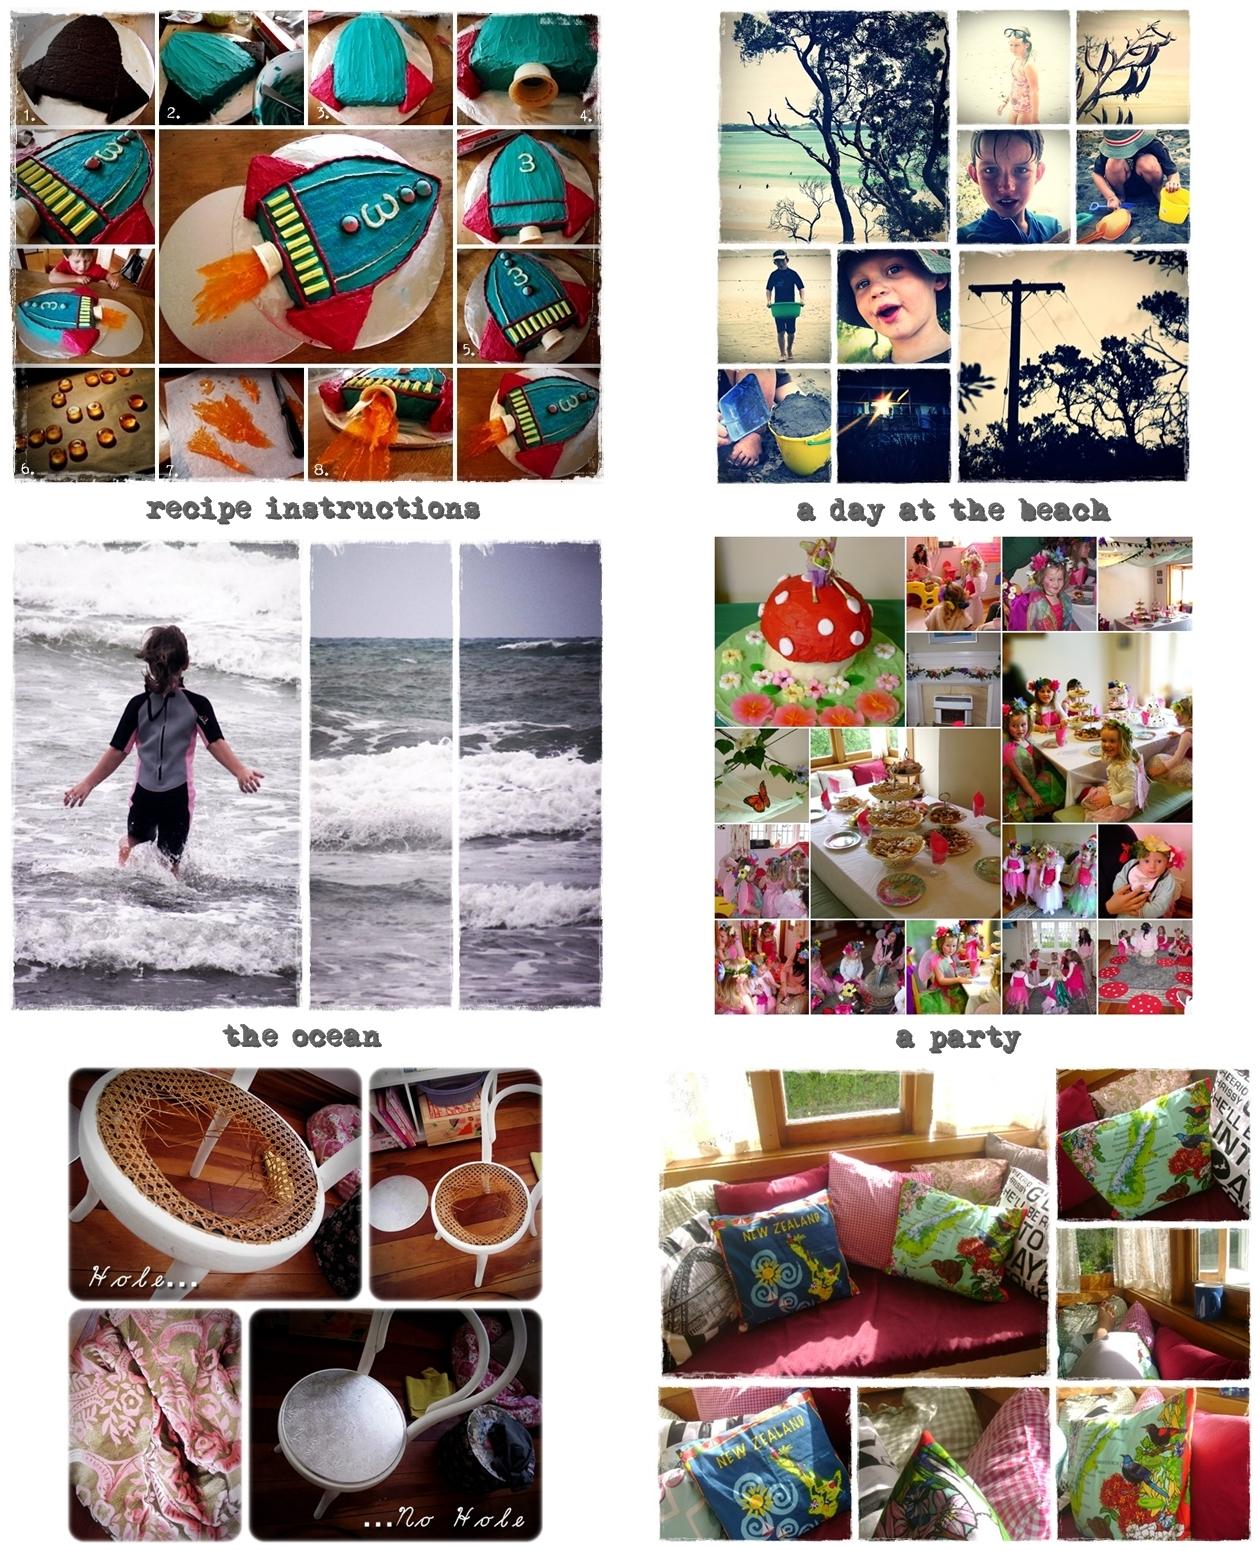 http://2.bp.blogspot.com/-hPXwga9-9HY/TdyBQ9Y8EAI/AAAAAAAAKf4/z0_-39GkuFo/s1600/collage%2Bexamples.jpg